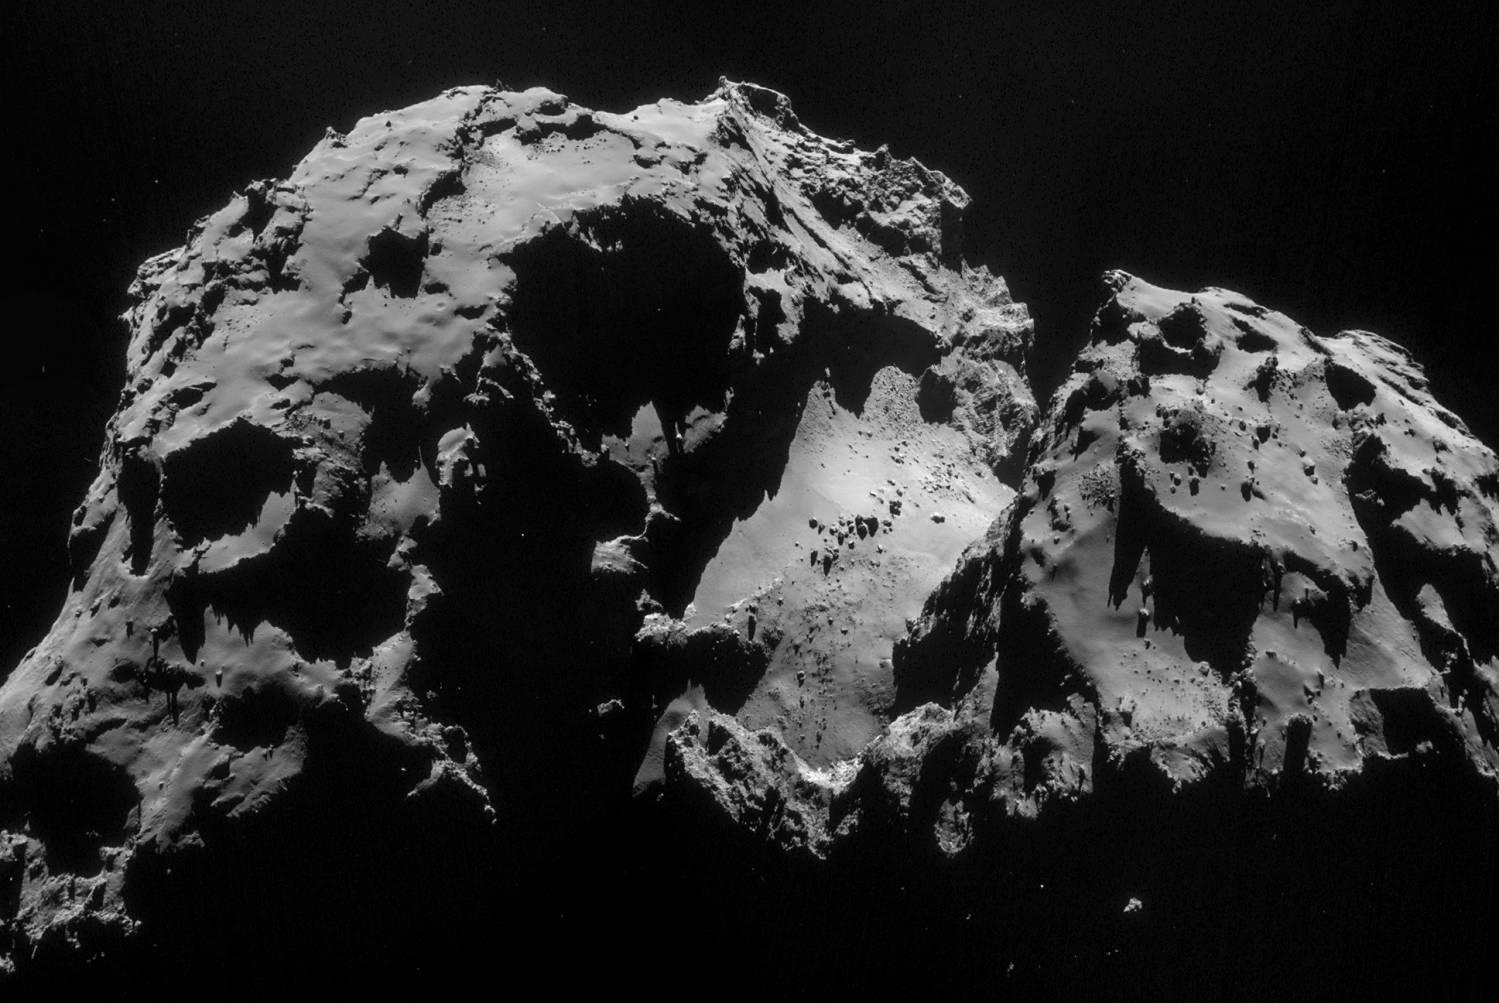 12 ноября 2014 года - новая дата посадки европейского зонда Филы на поверхность кометы 67p/Чурюмова-Герасименко CVAVR AVR CodeVision cvavr.ru